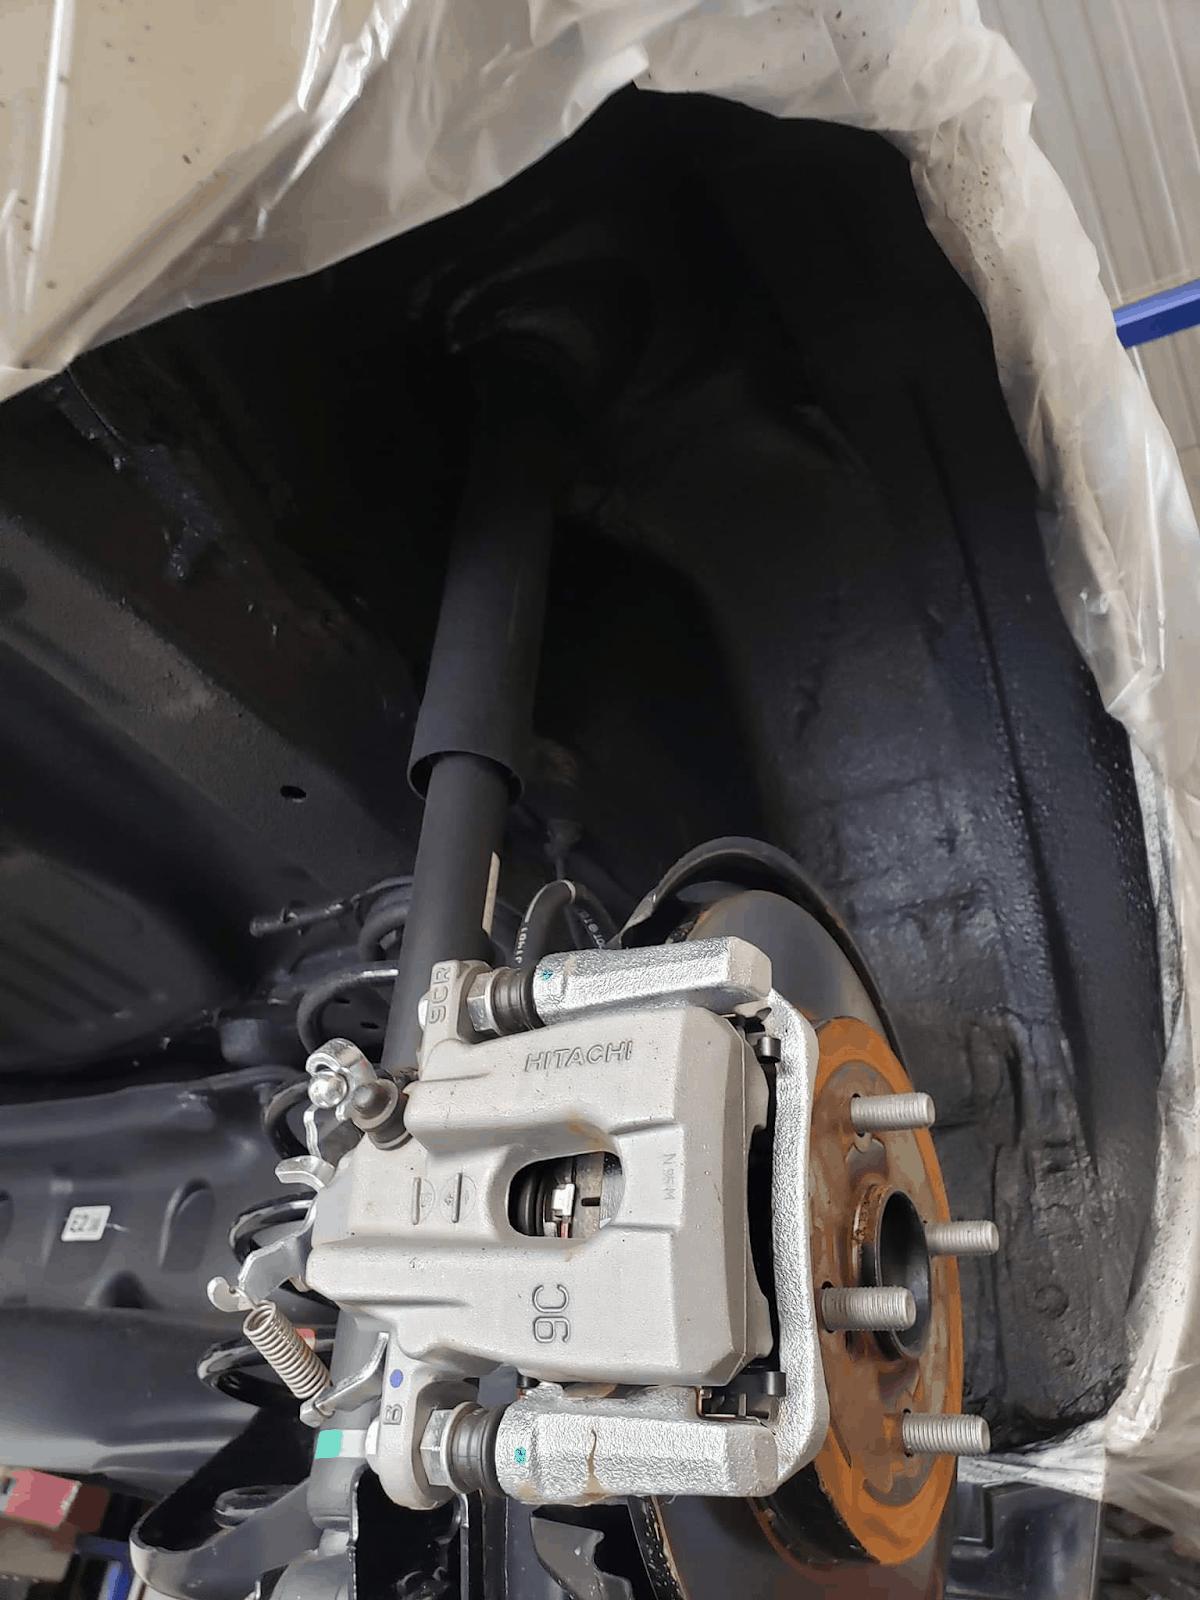 Quy trình phủ gầm xe gồm nhiều bước